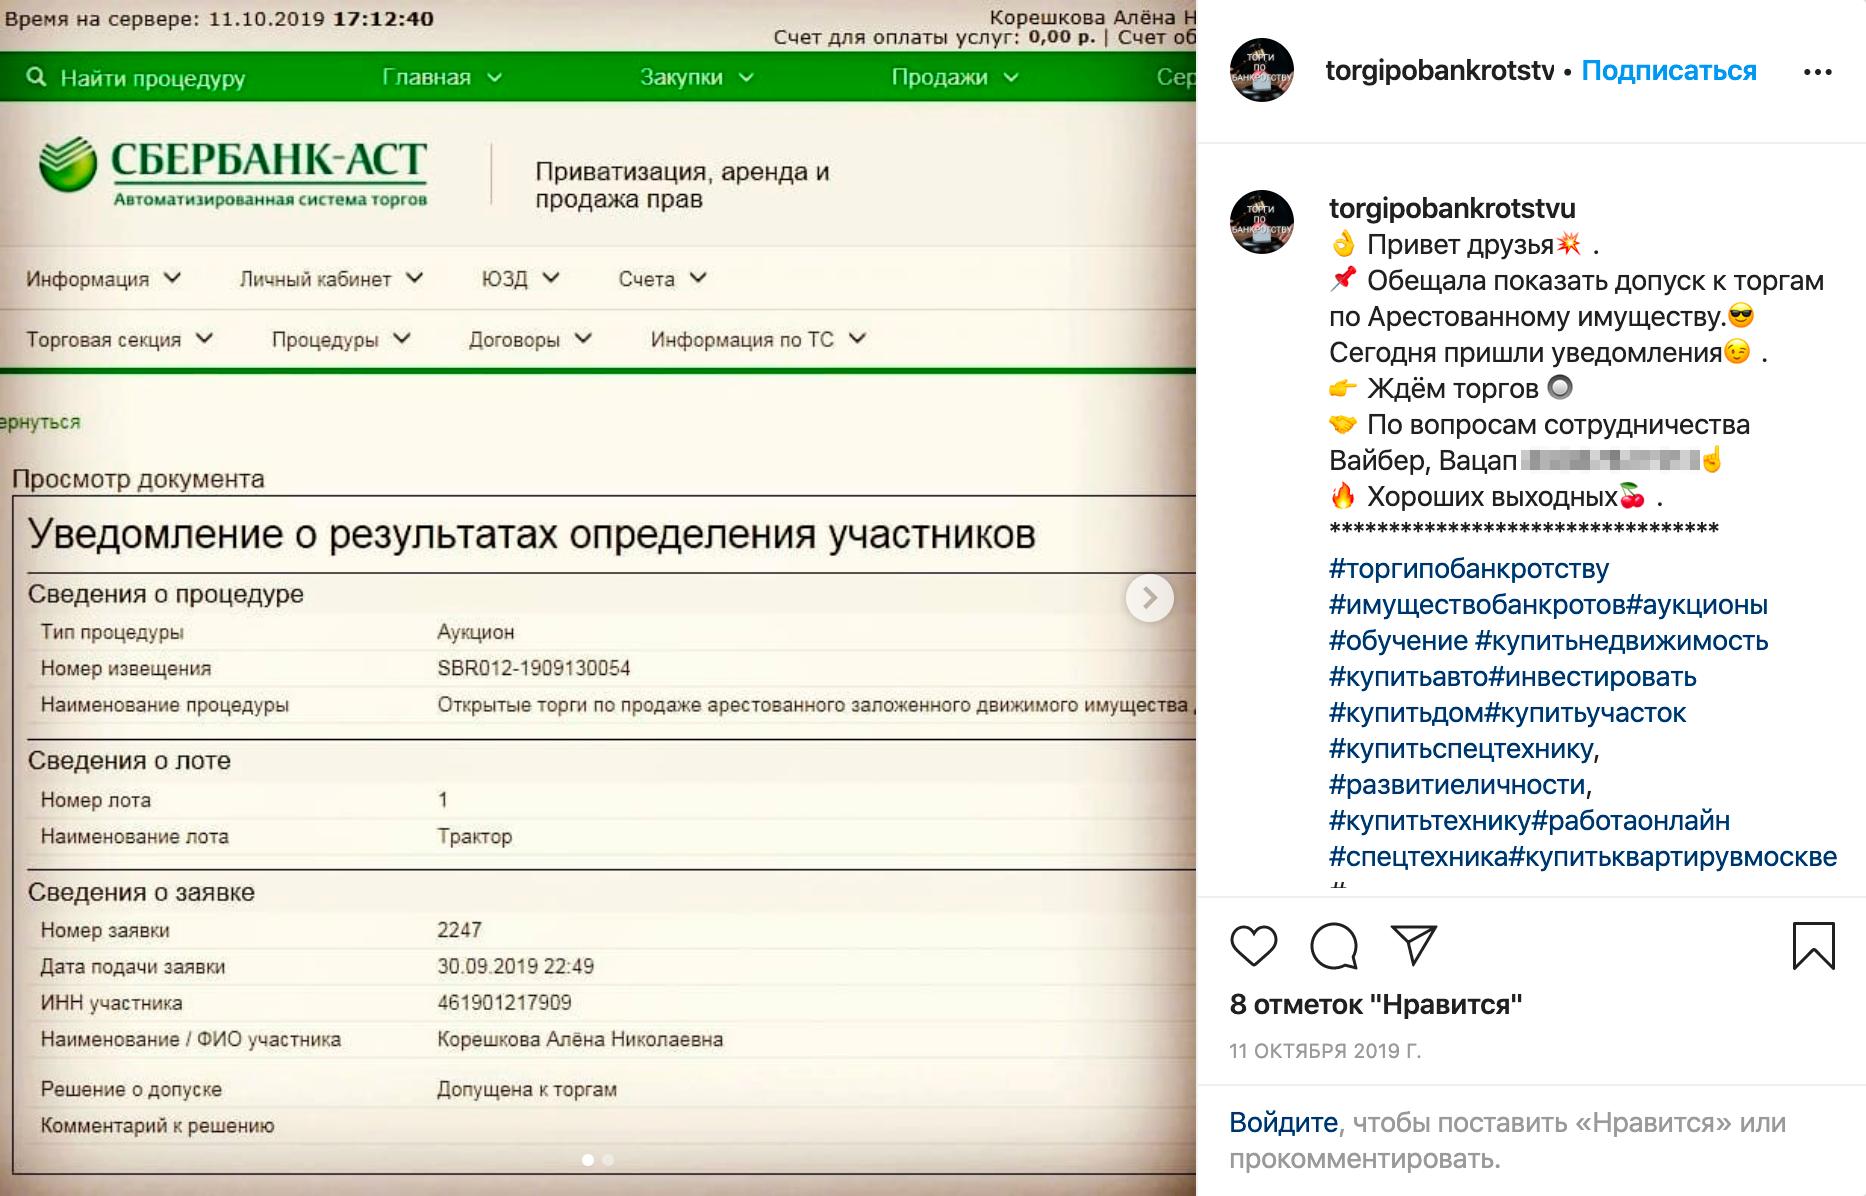 Алена Корешкова заявляет, что допущена к торговле на разных площадках — но как физлицо, а не представитель «Юнитраста». Тогда при чем здесь компания?